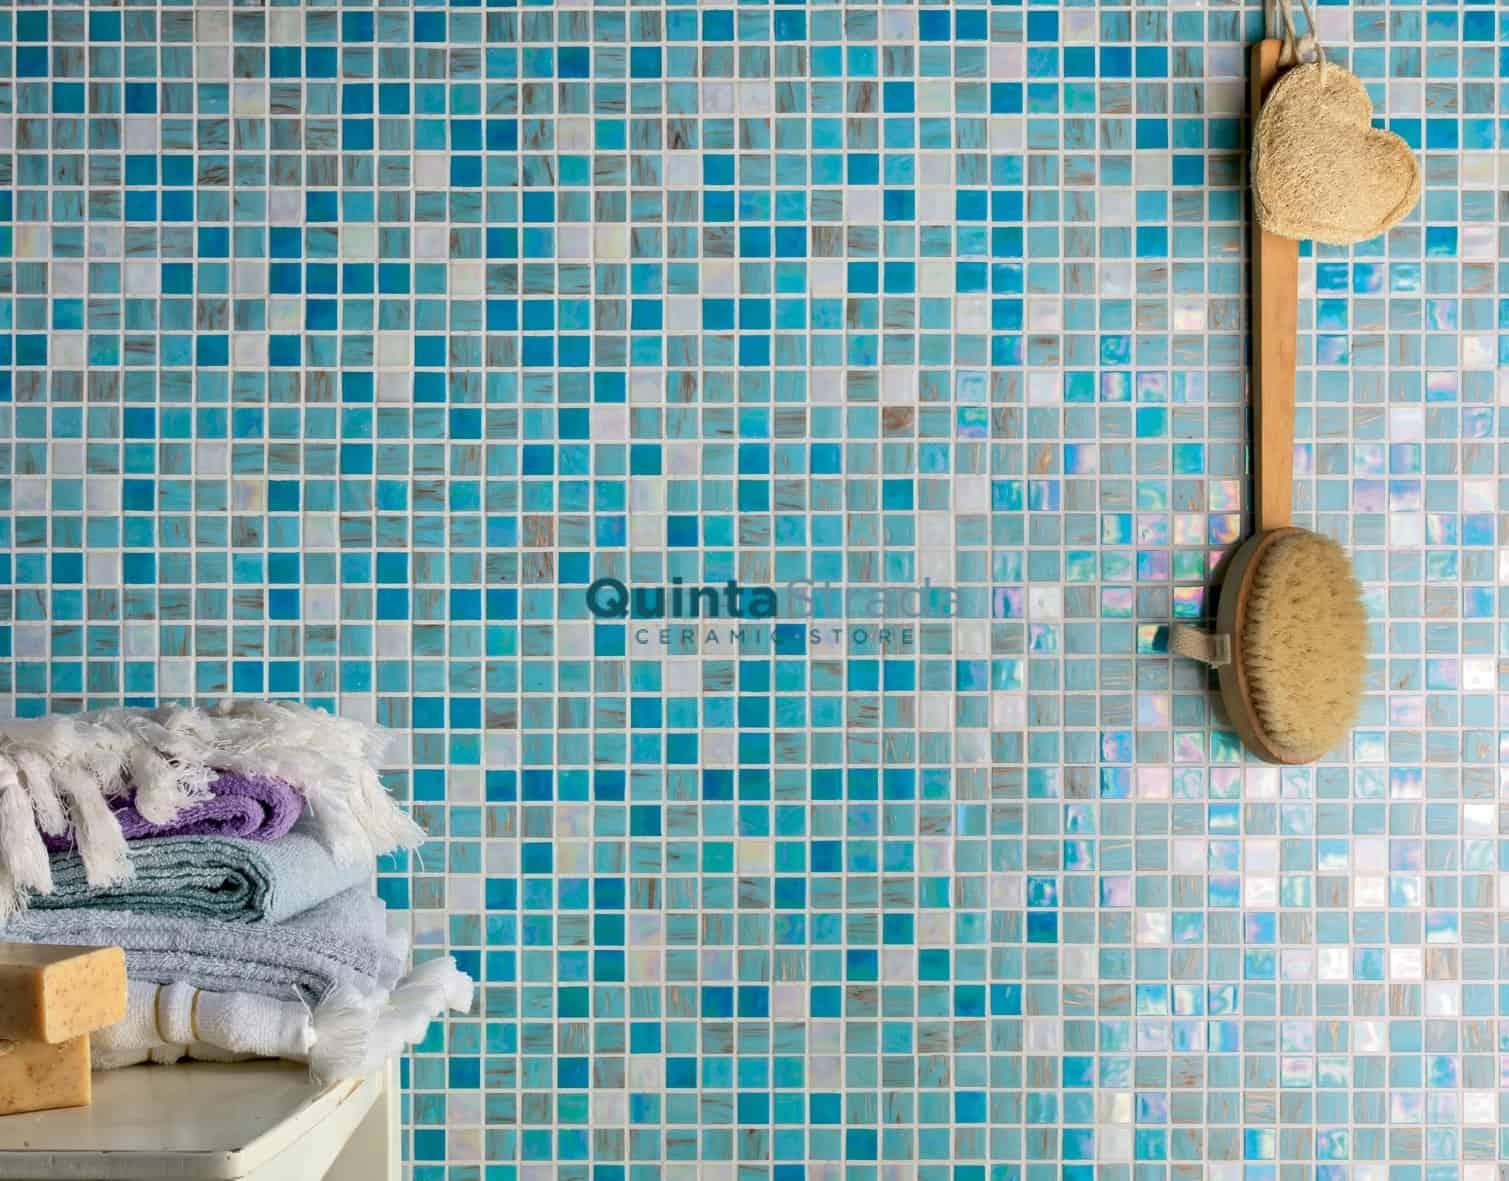 Piastrelle bagno mosaico azzurro: bagno collezione game mosaici di